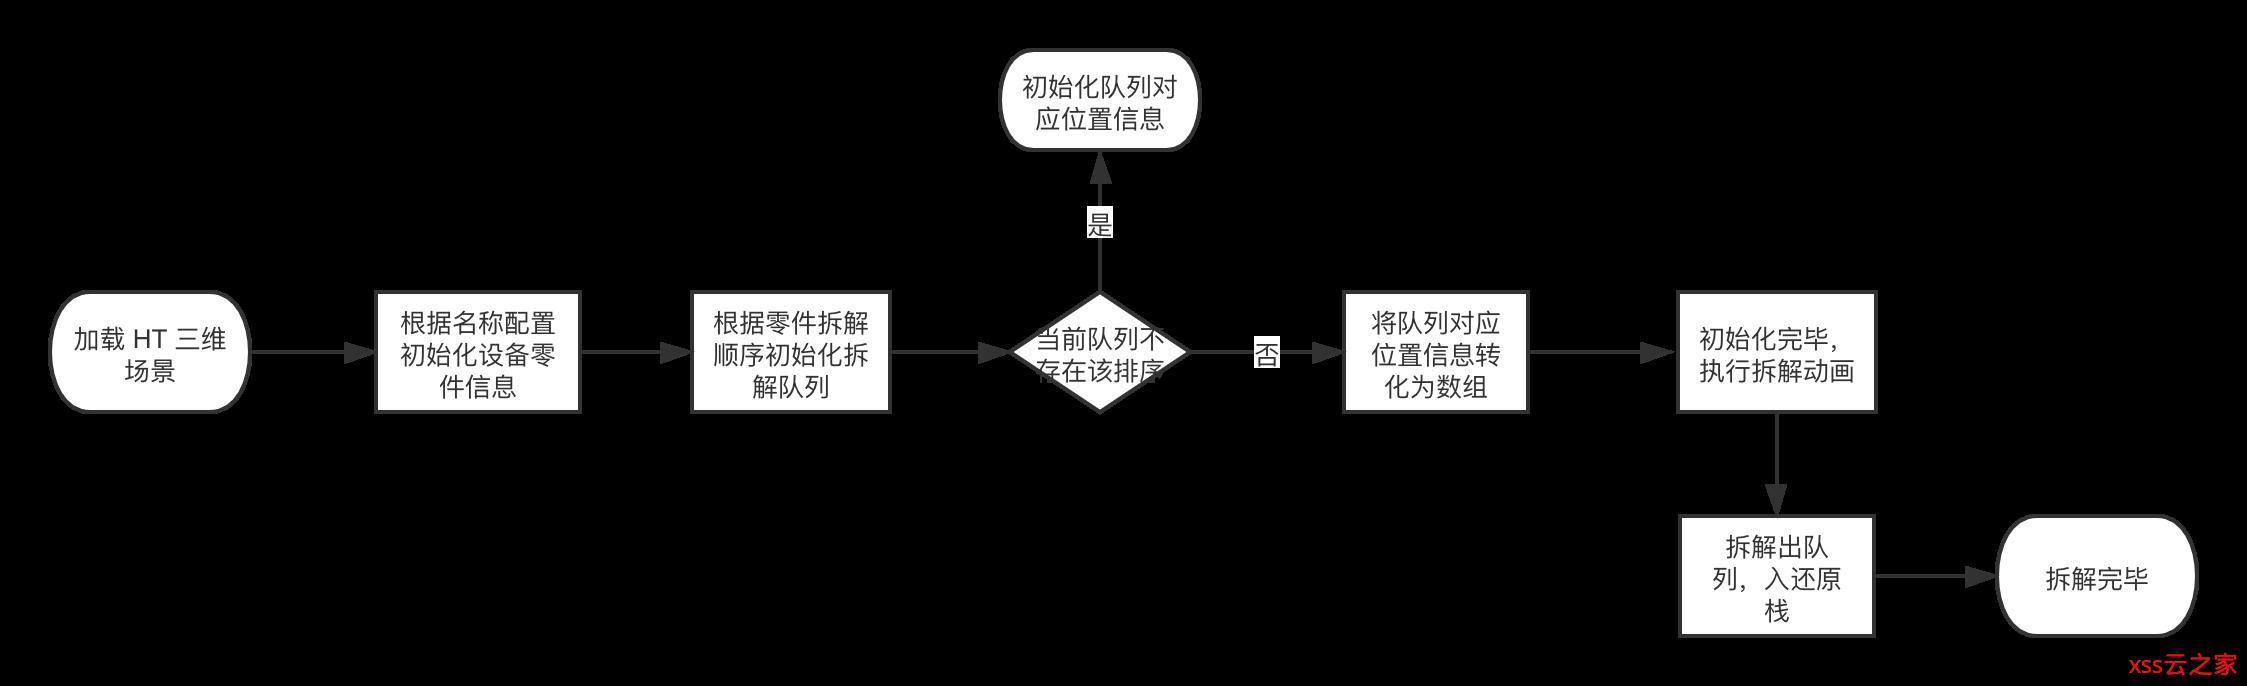 基于 HTML5 WebGL + WebVR 的 3D 虚实现实可视化系统